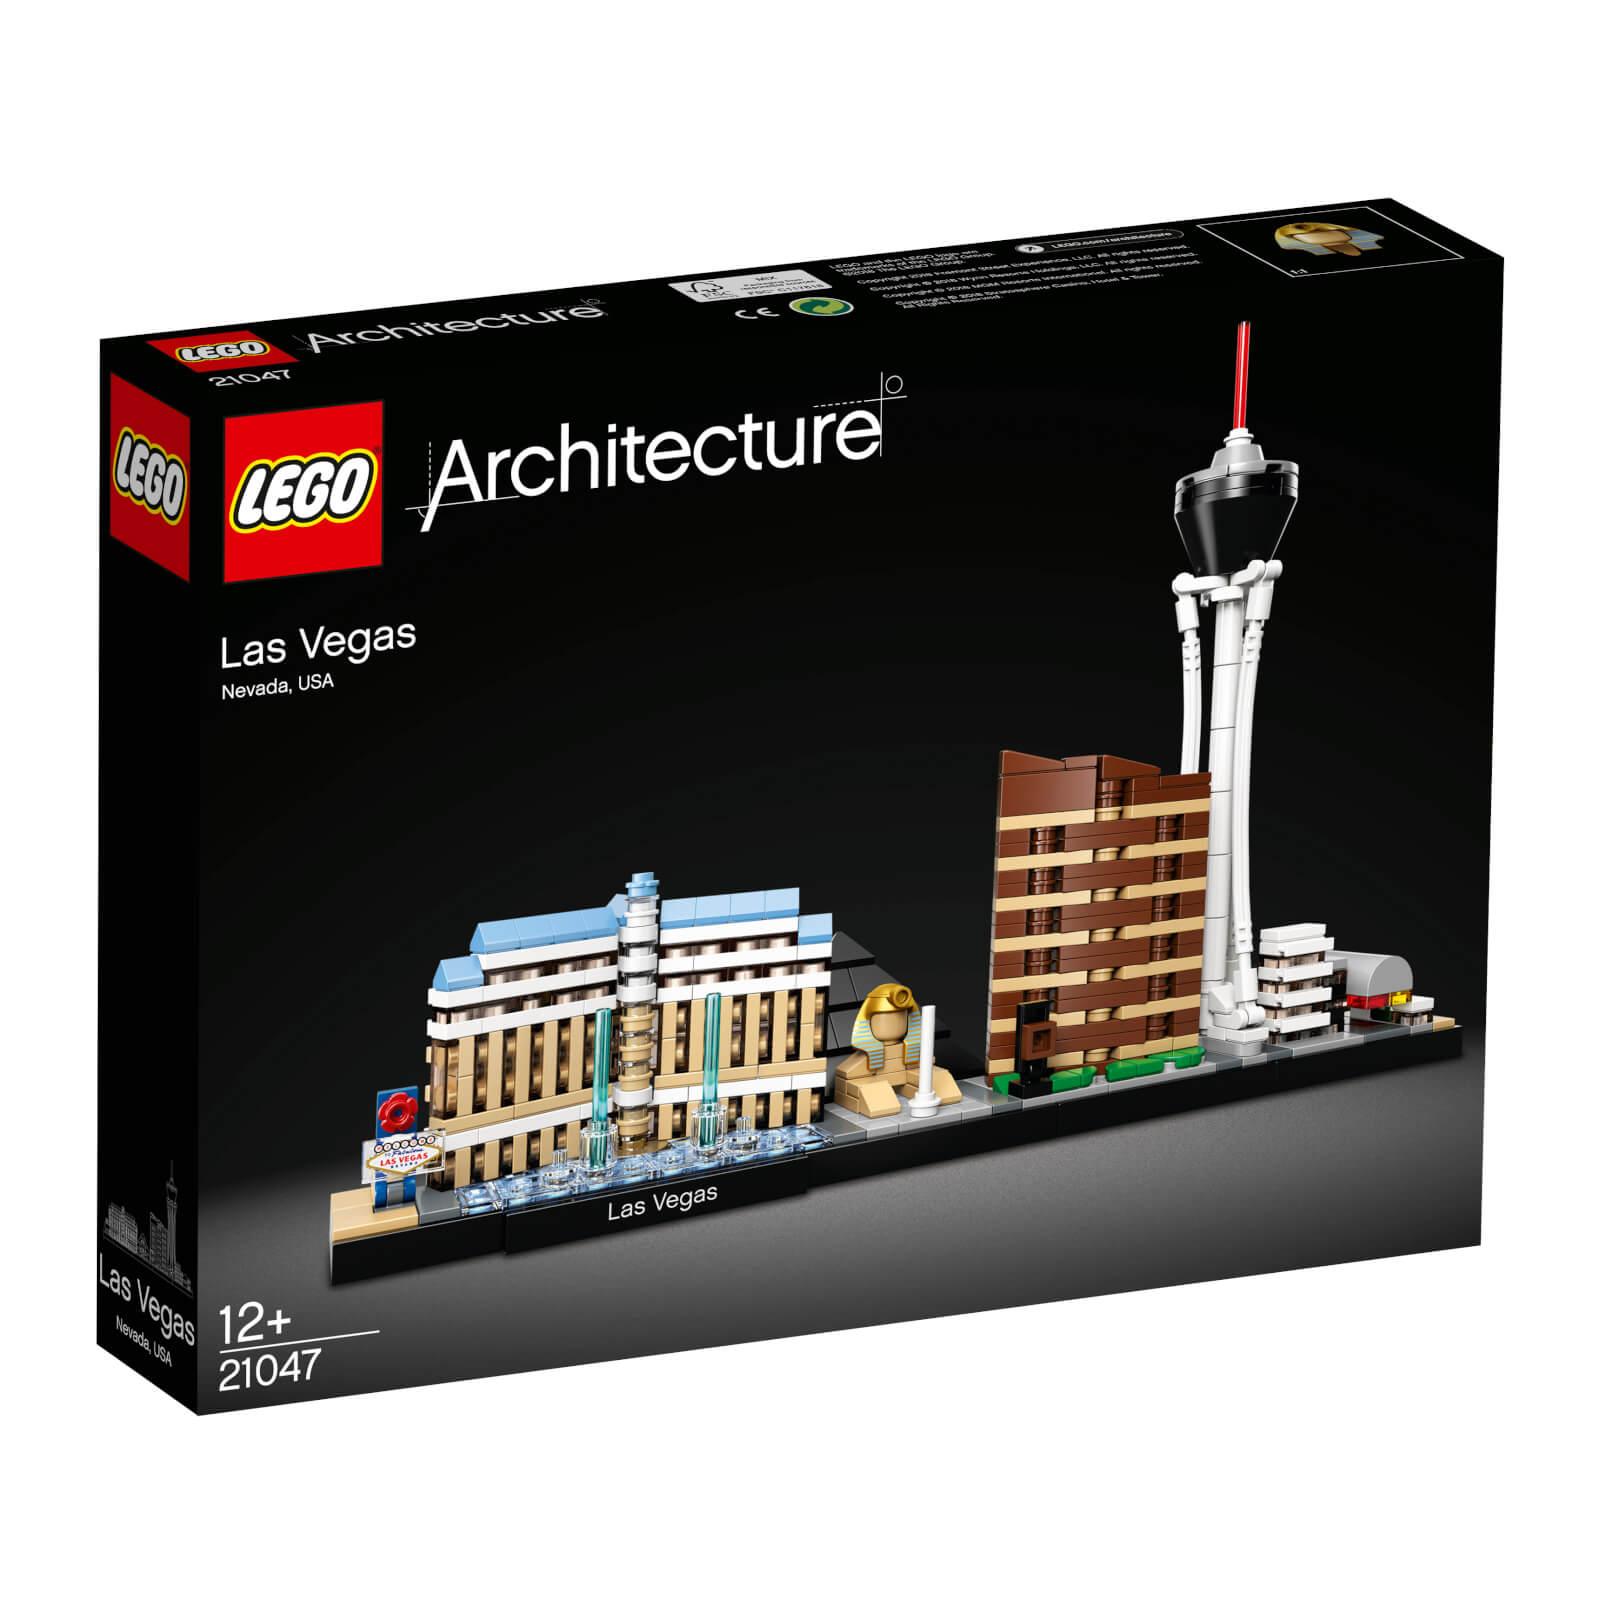 【LEGO】乐高21047 拉斯维加斯天际线直减10镑只需£24.99大概219